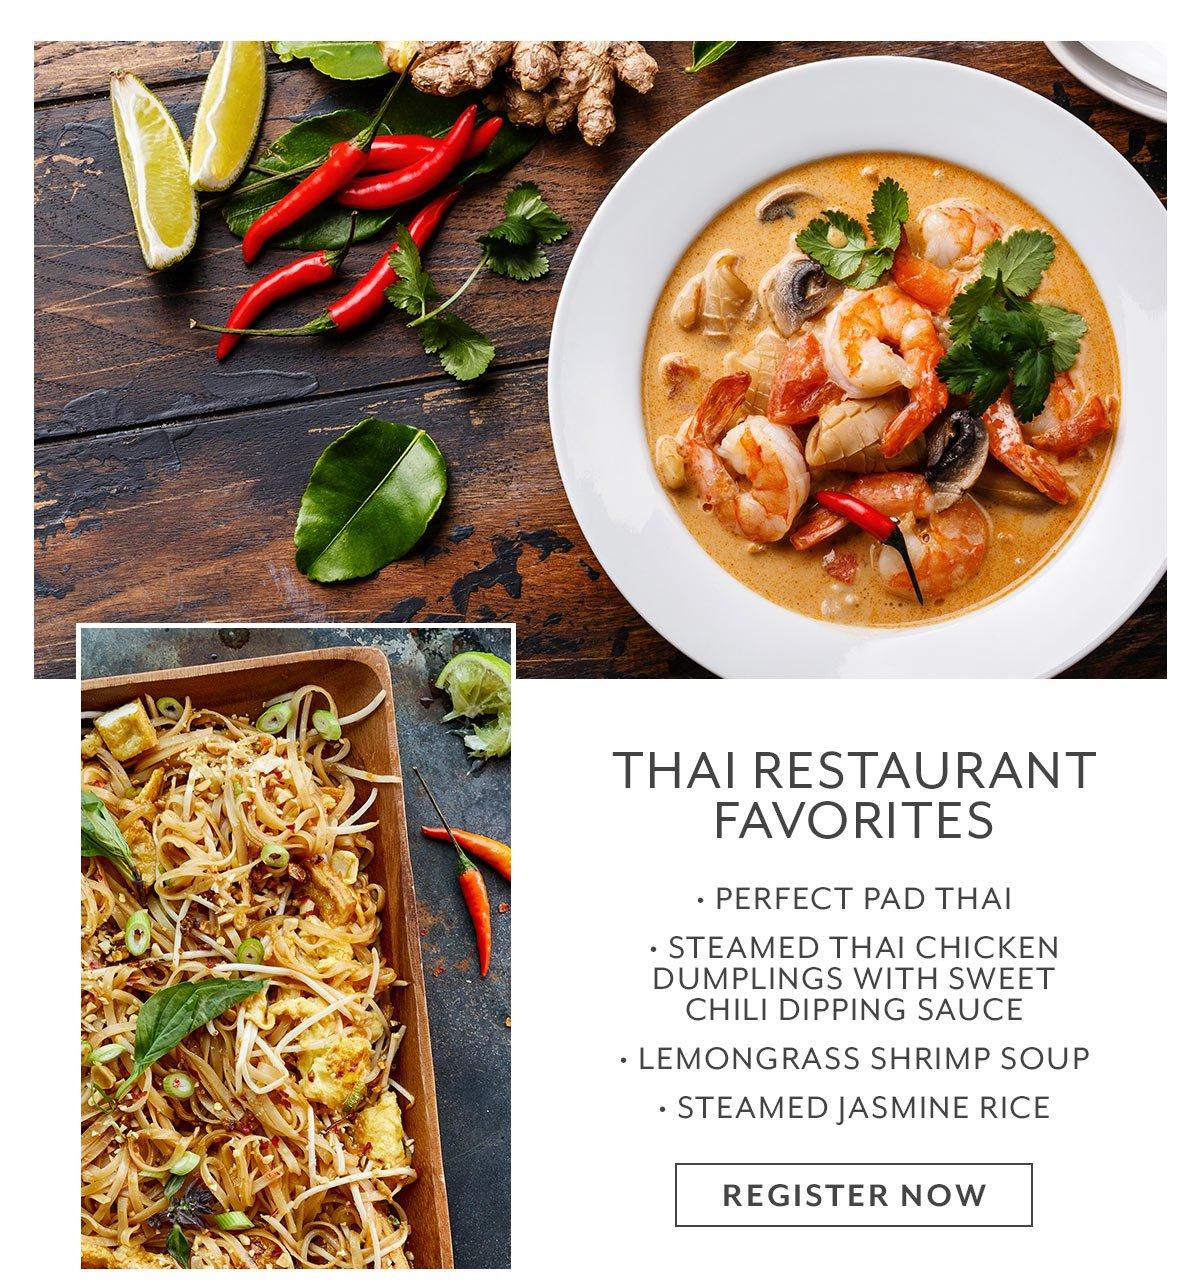 Class: Thai Restaurant Favorites